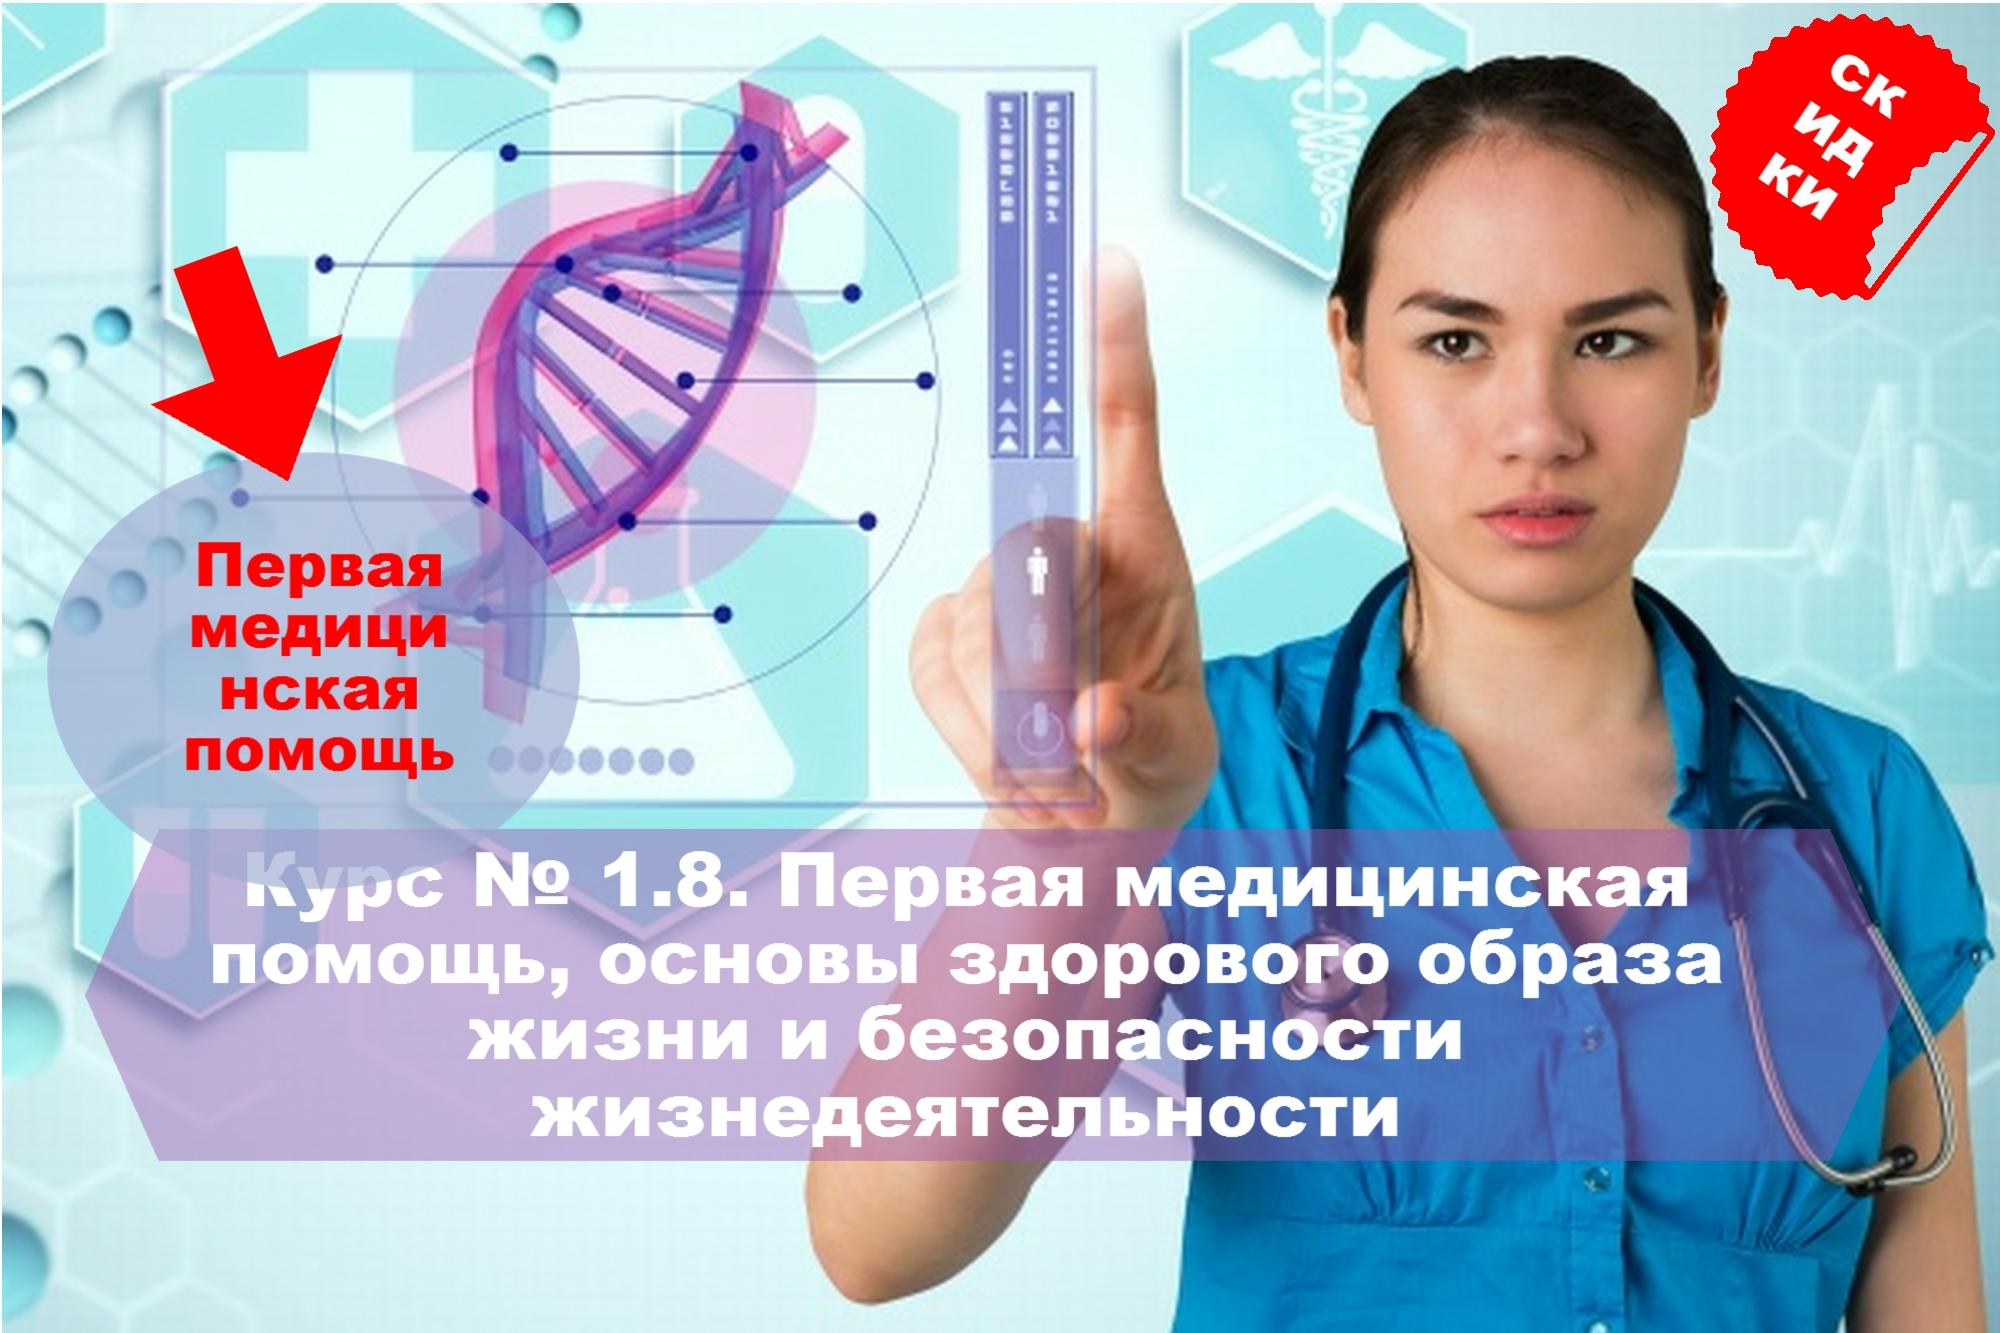 Курс ИДПК Первая медицинская помощь, основы здорового образа жизни и БЖД